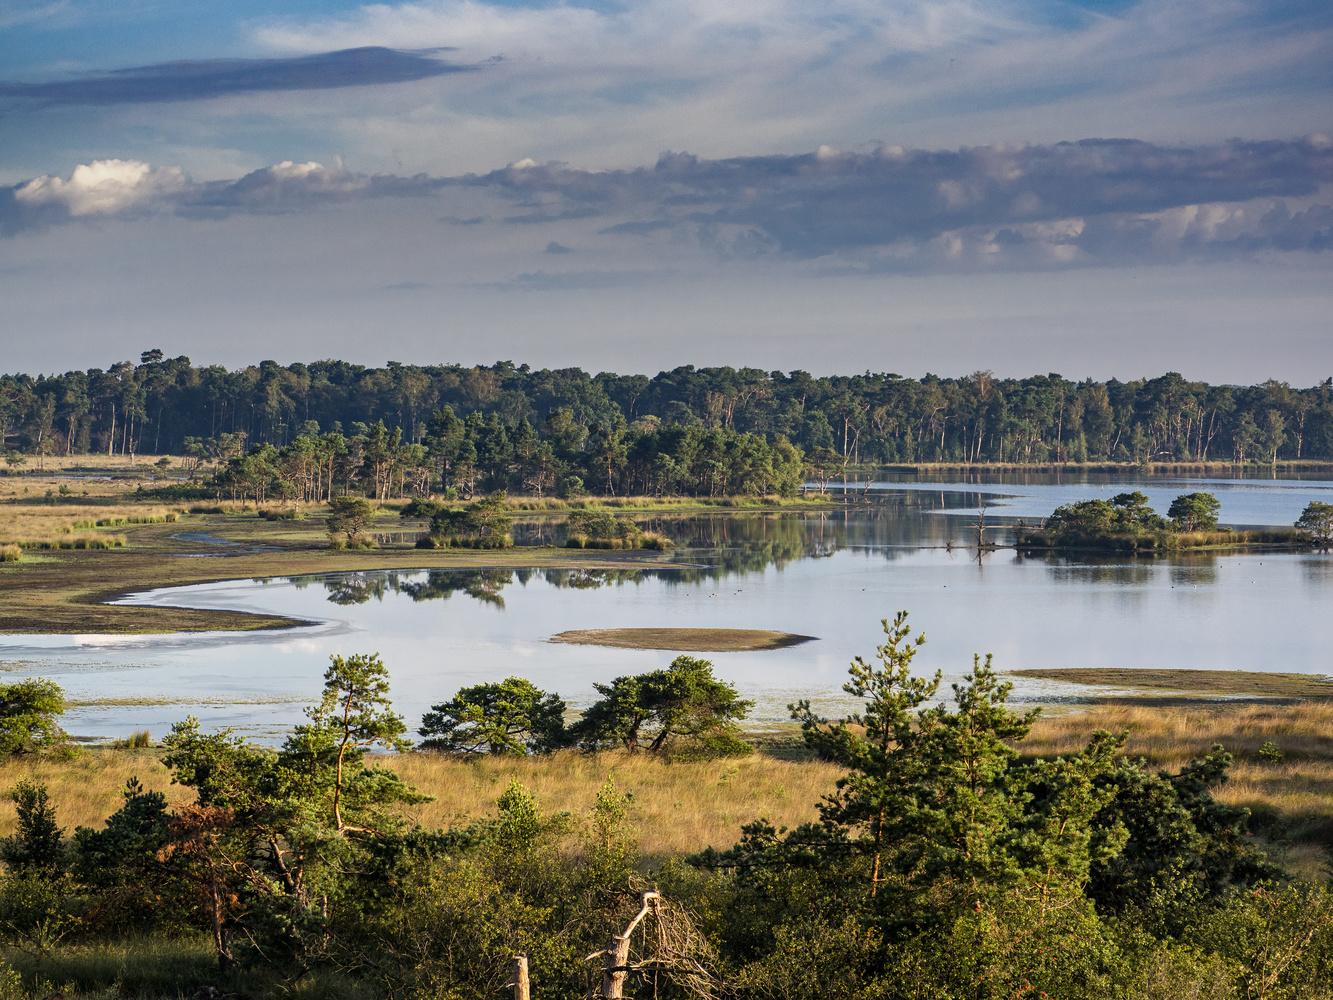 Kalmthout lake by Richard Gale